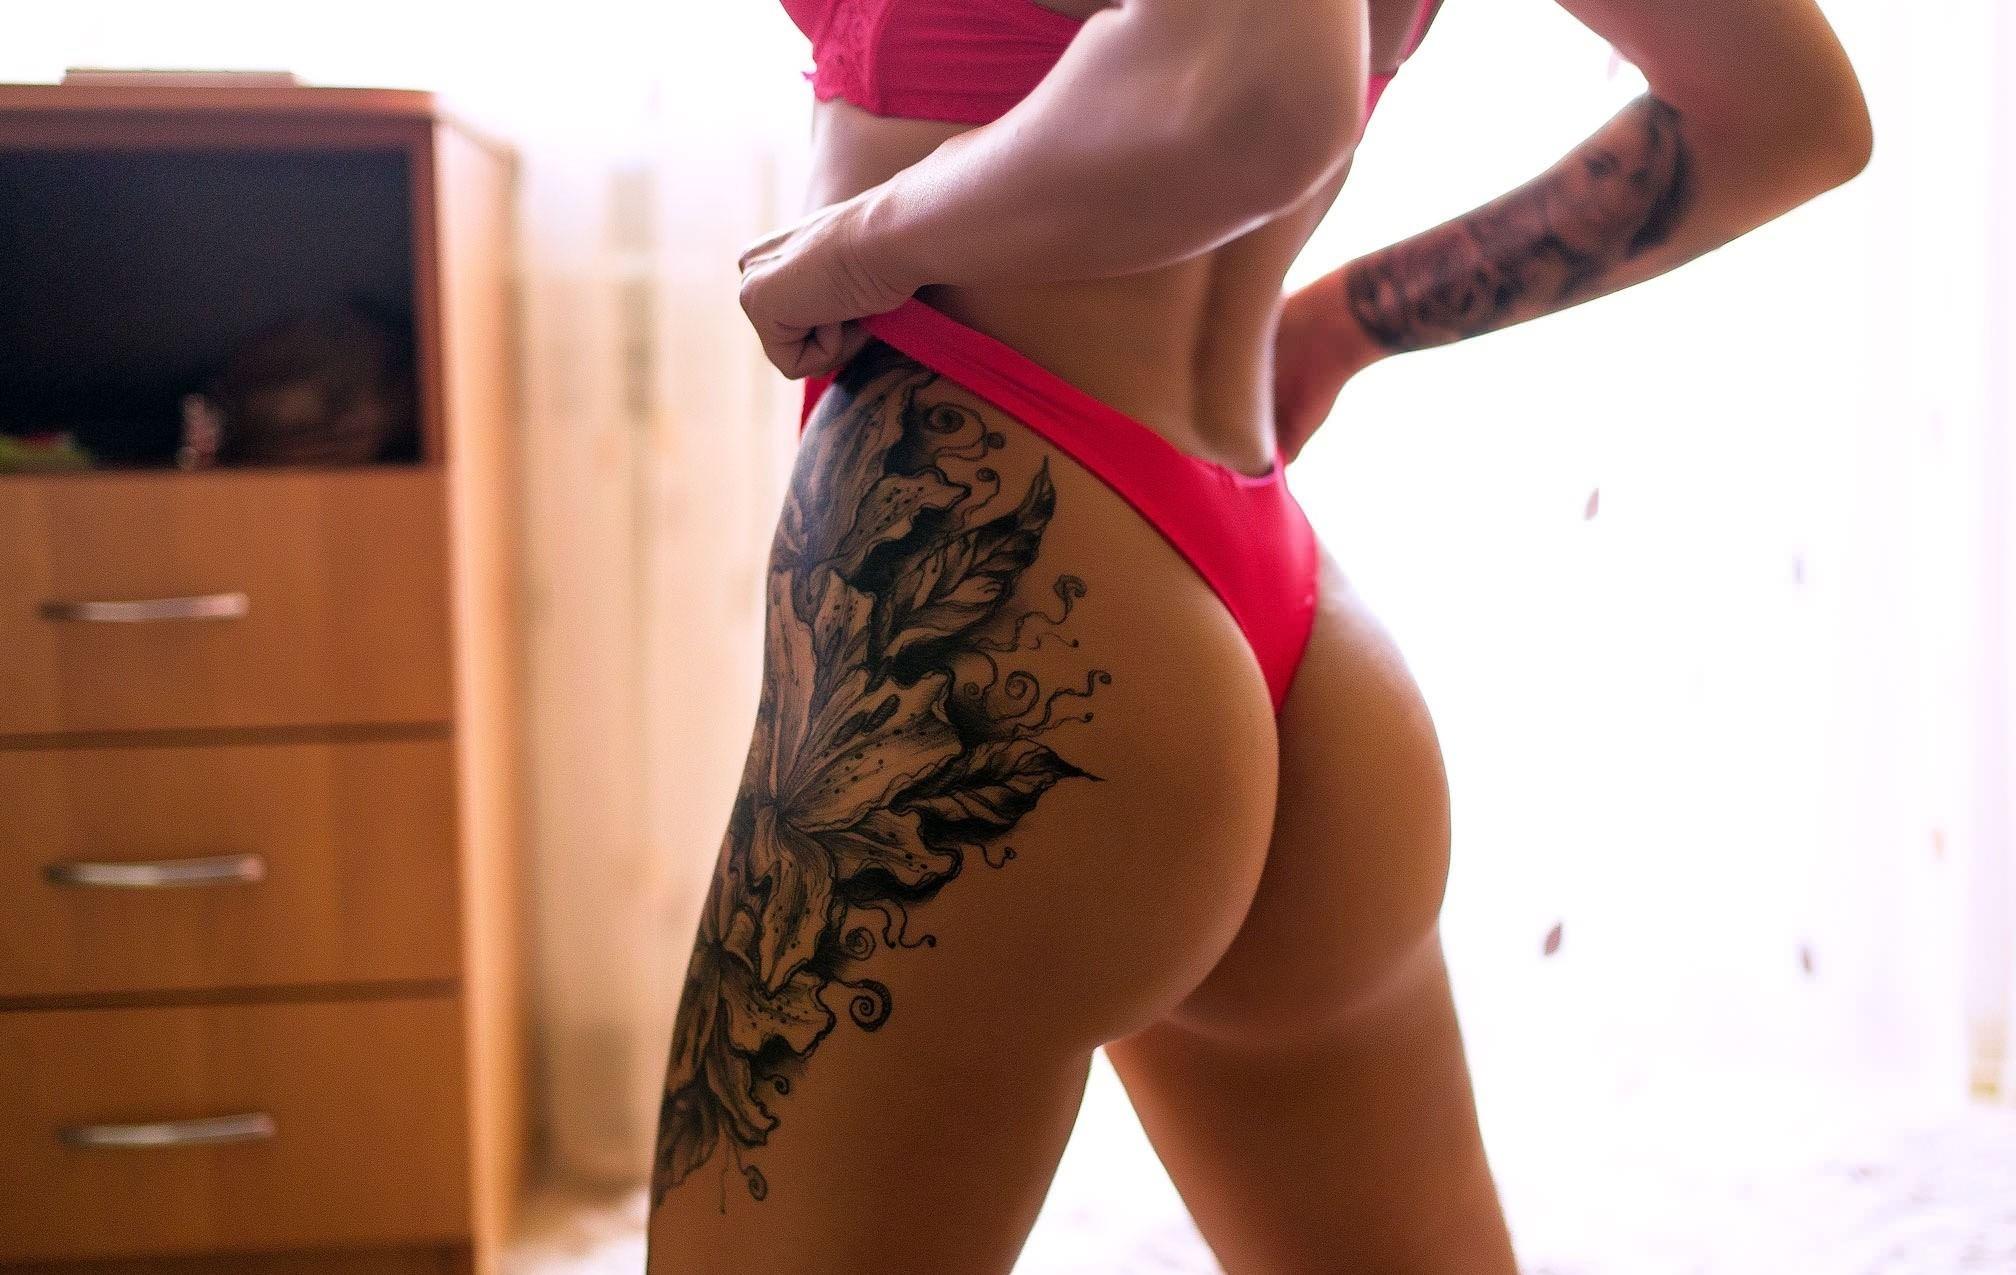 Фото Татуированная спортивная девушка в розовых стрингах, натянула трусики на себе, тату на бедре, скачать картинку бесплатно